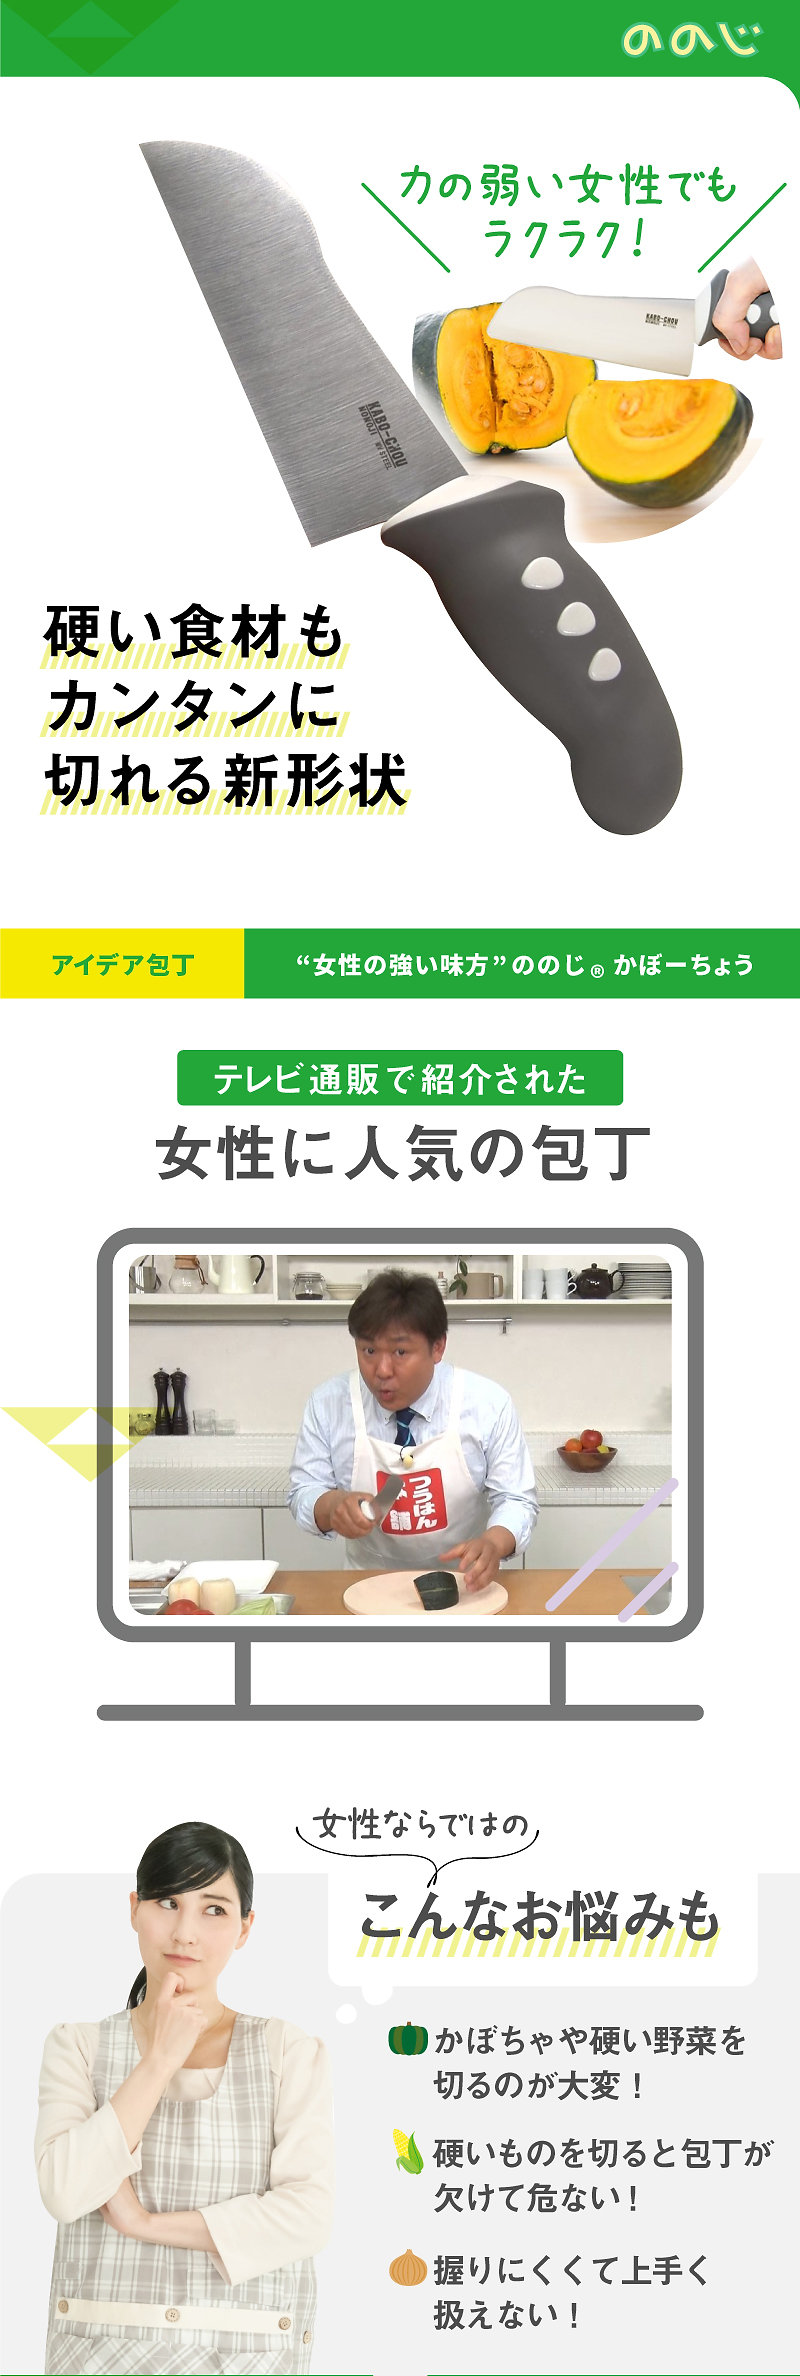 硬い食材も簡単に切れる新形状!かぼーちょう!